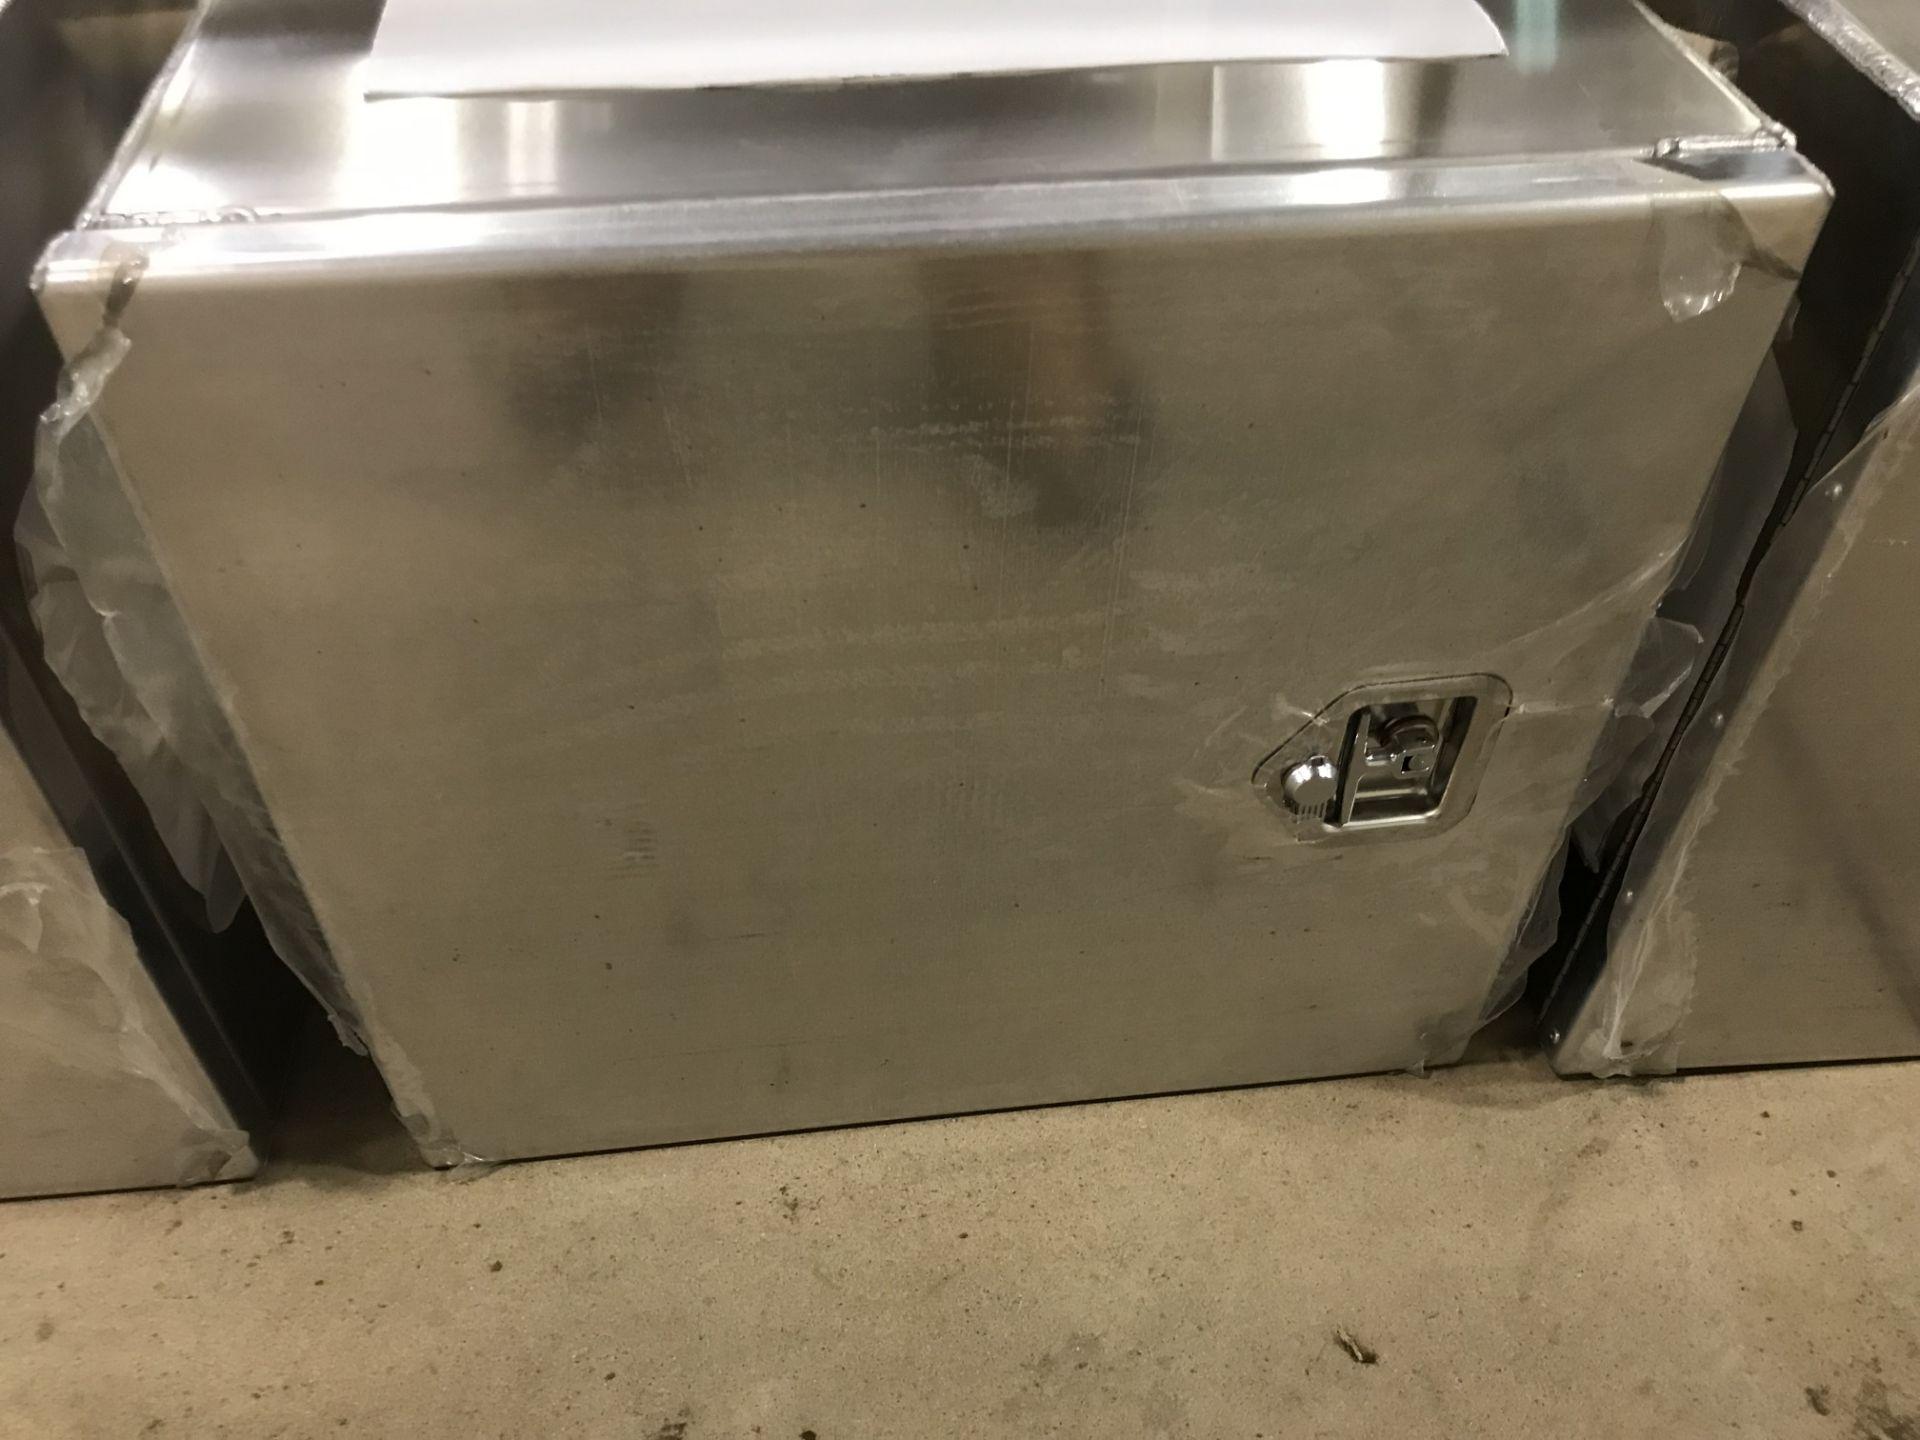 Lot 1B - Aluiminum Truck Tool Box (new)